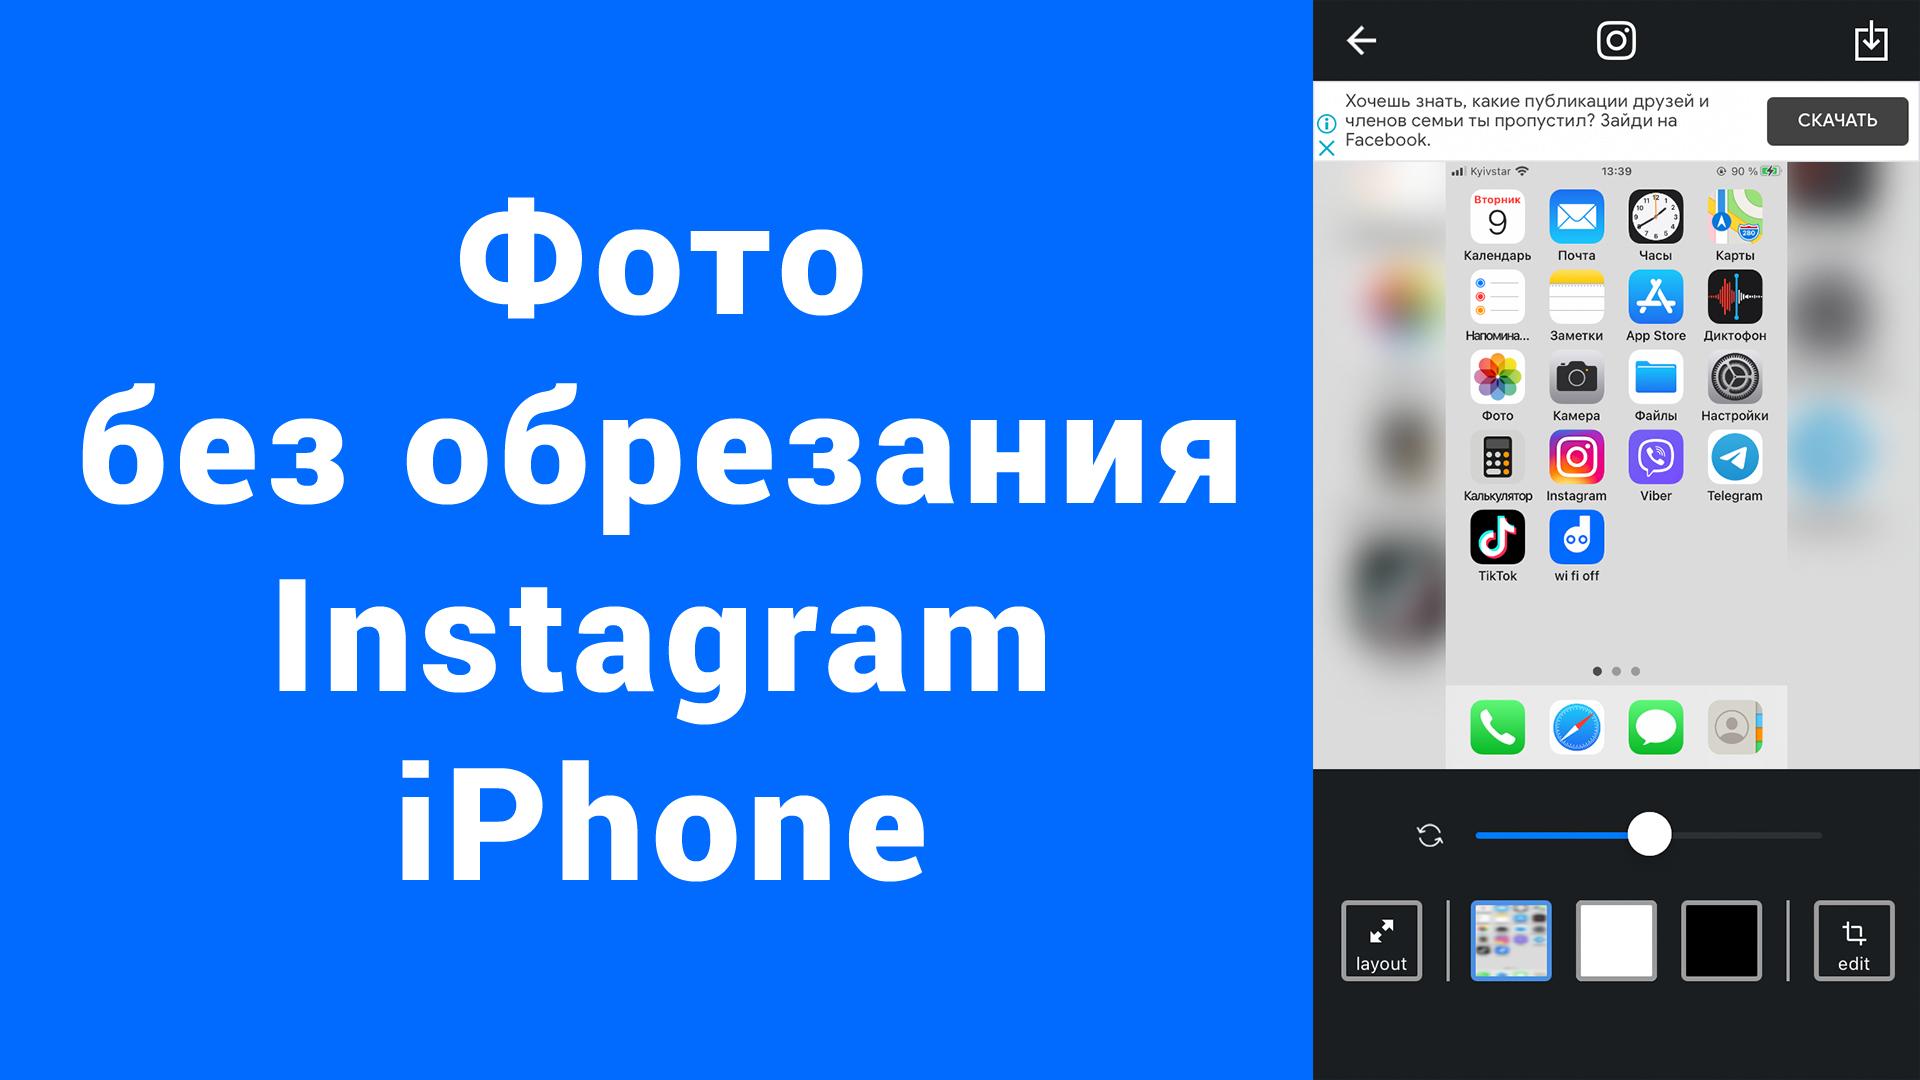 Опубликовать фото без обрезки квадратное в Инстаграм iPhone